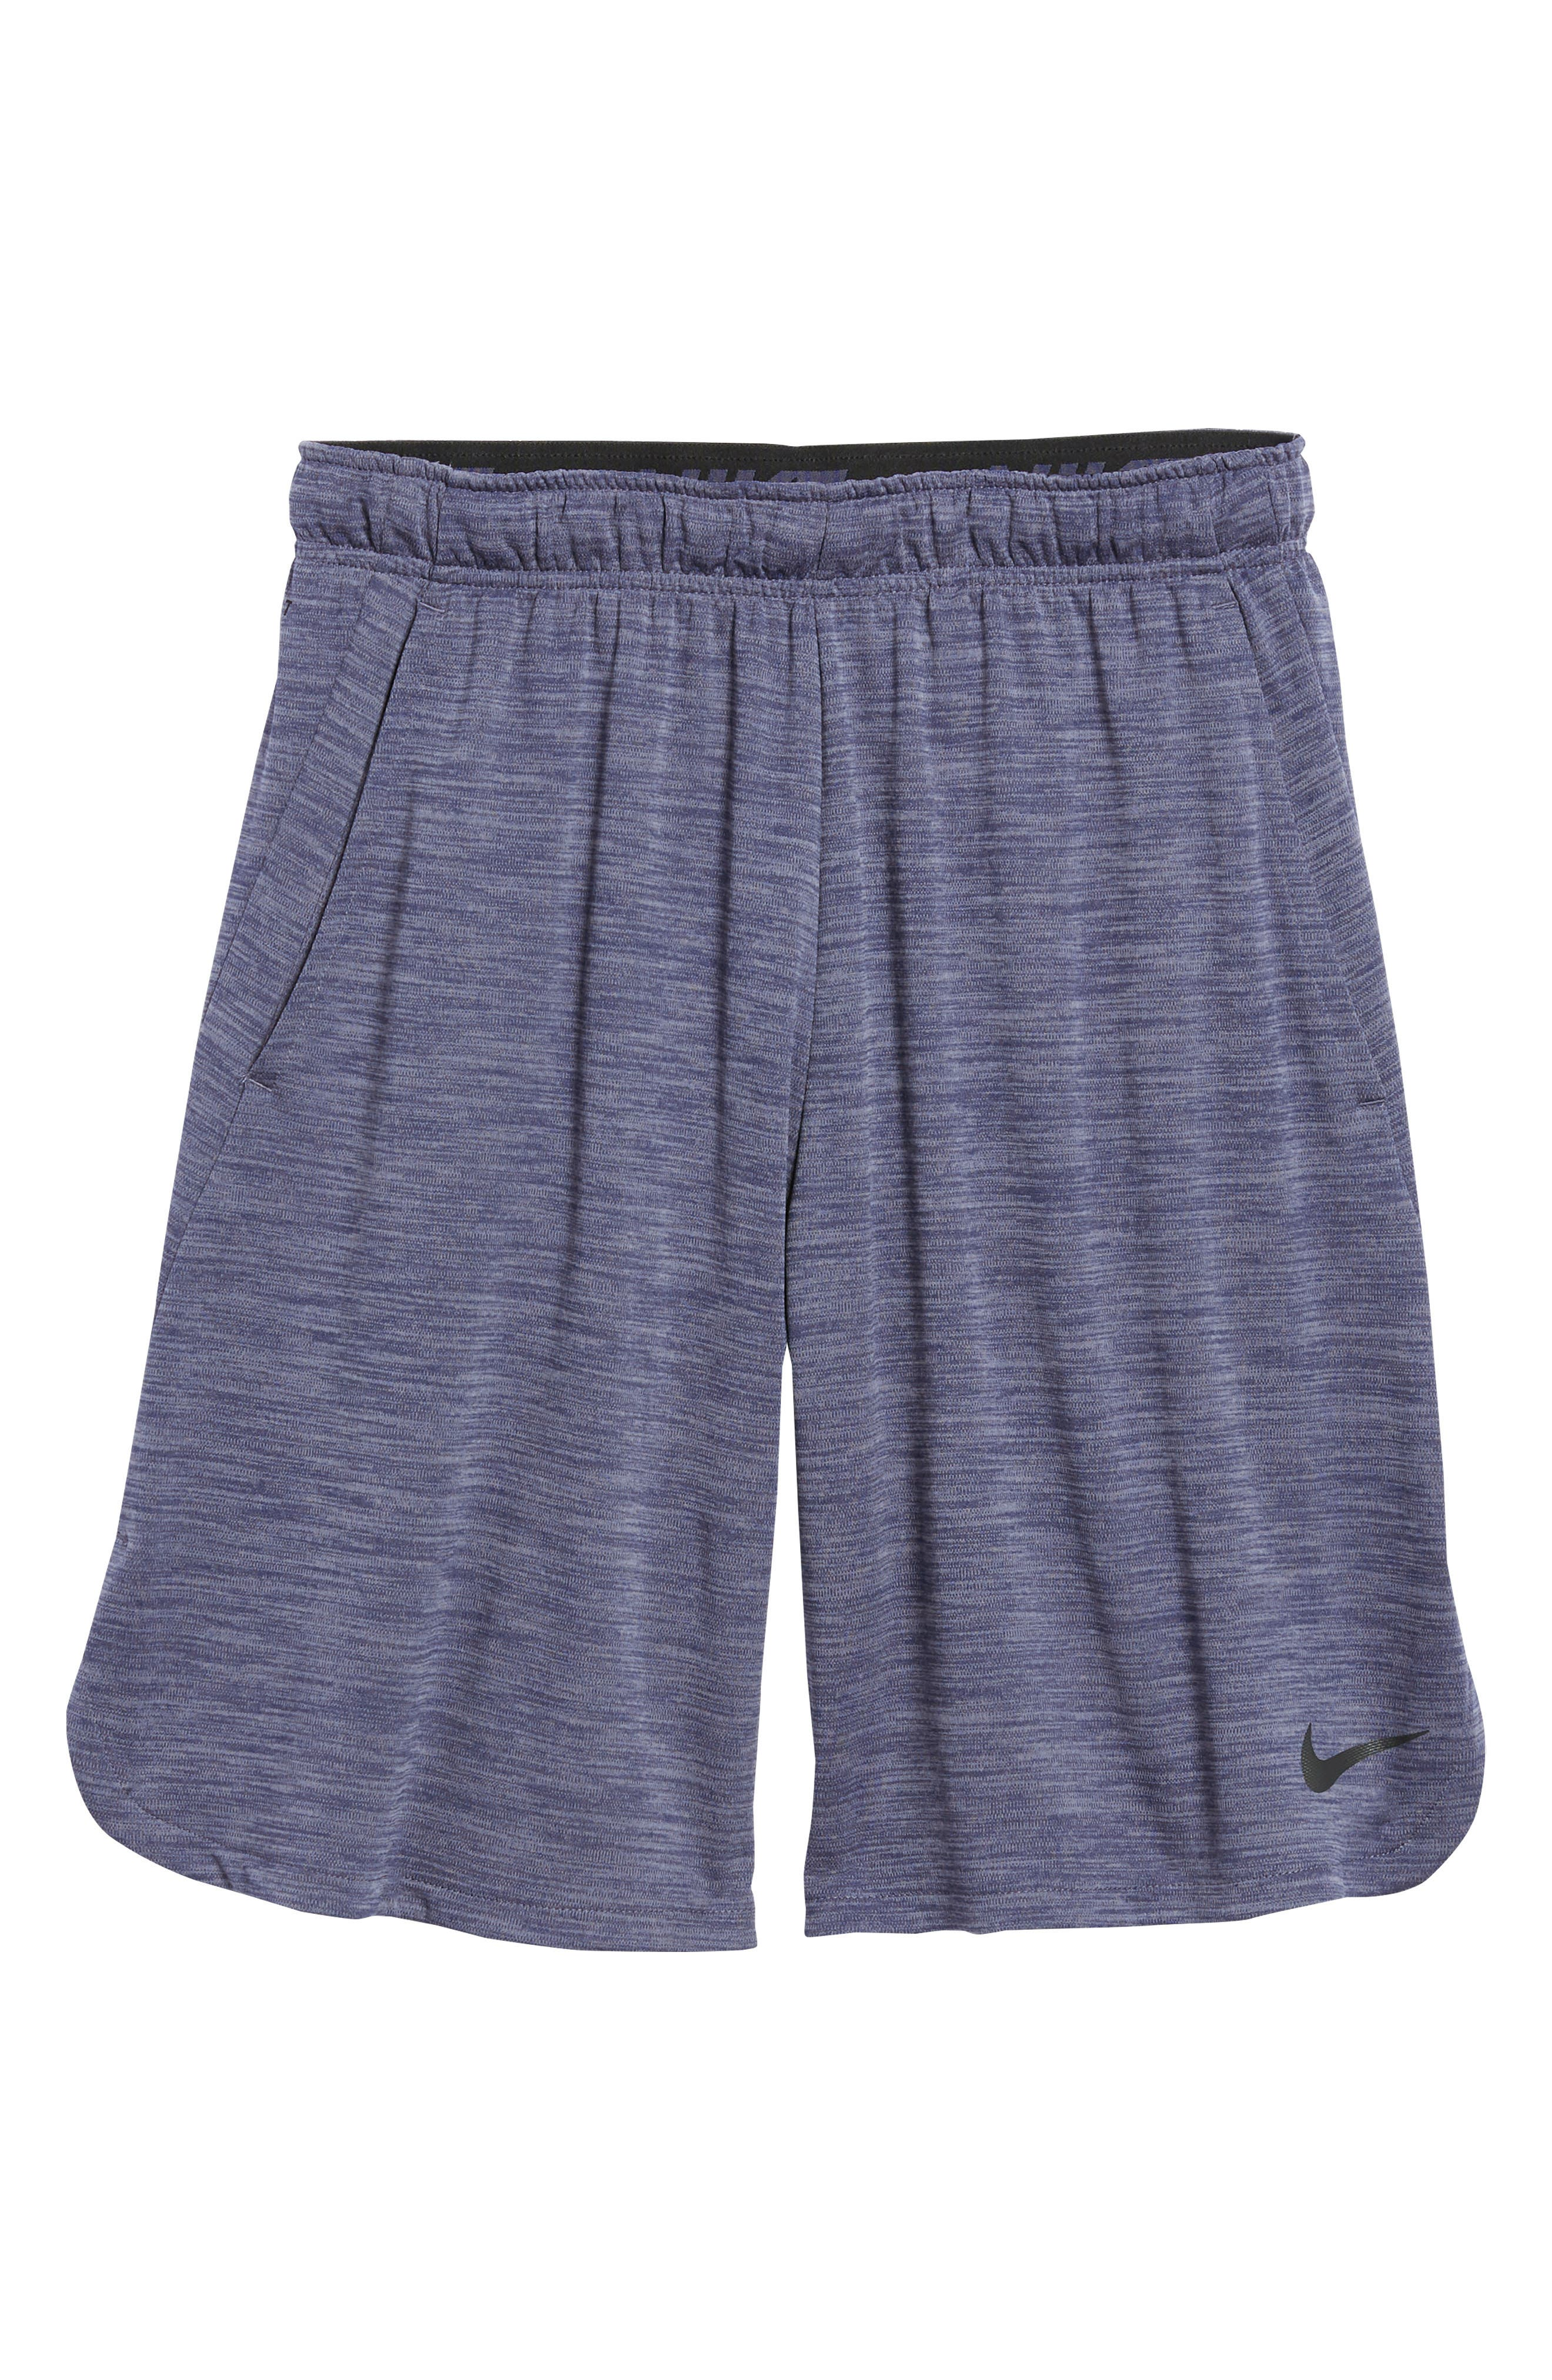 Dry Training Shorts,                             Alternate thumbnail 6, color,                             LIGHT CARBON/ BLACK